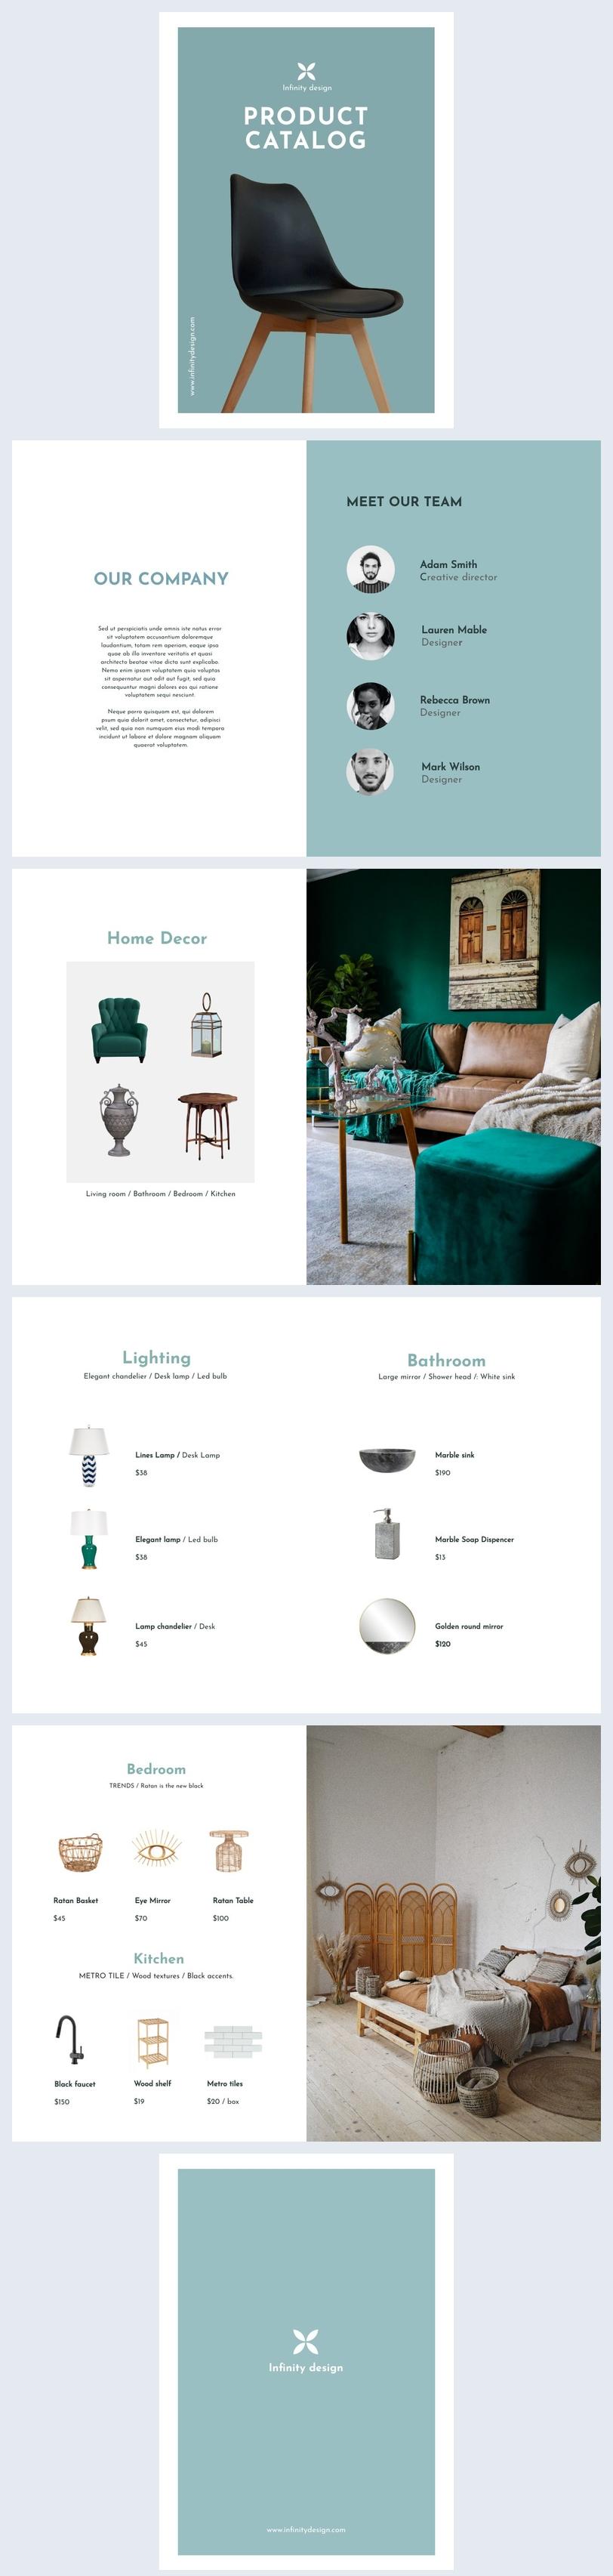 Ejemplo de idea de diseño para catálogo de productos